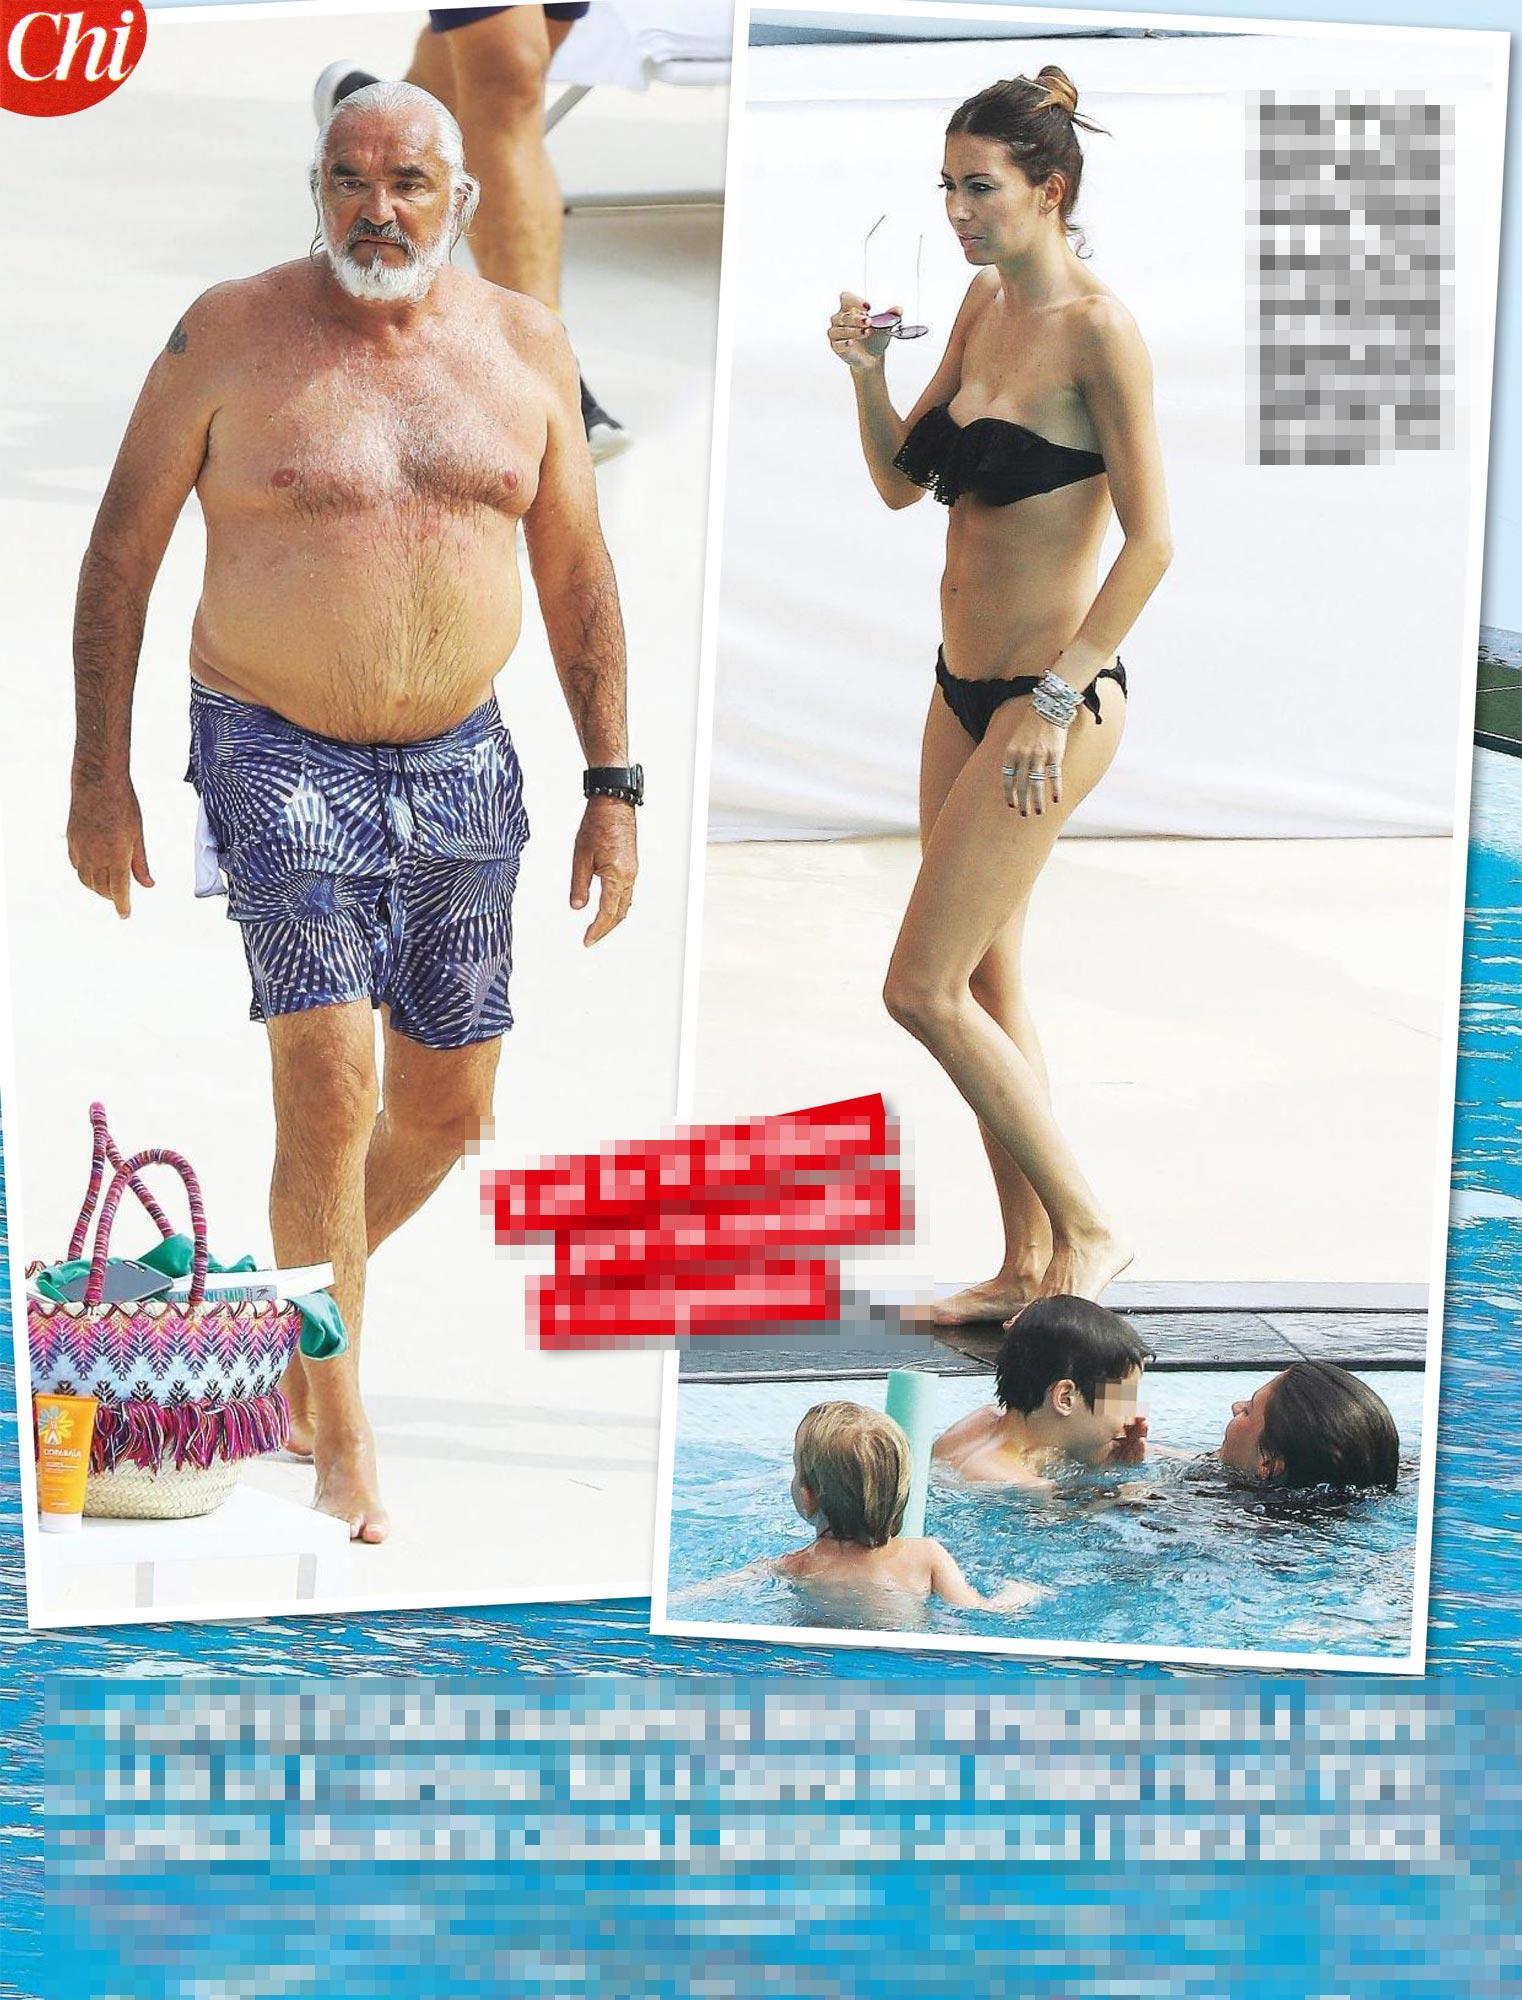 Elisabetta Gregoraci e Flavio Briatore, musi lunghi a bordo piscina